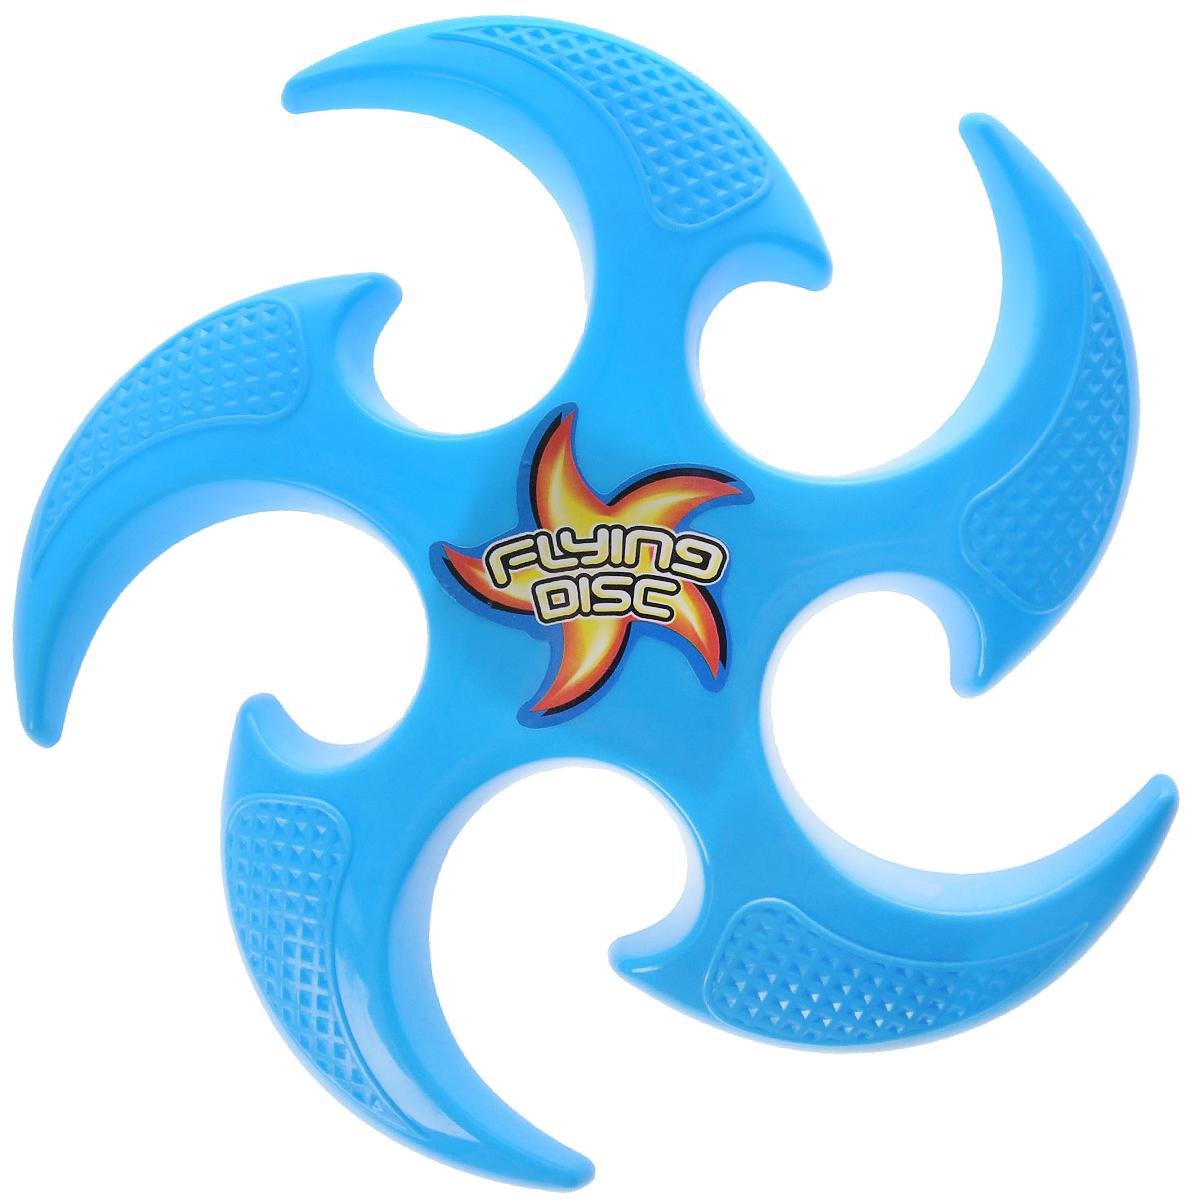 YG Sport Бумеранг цвет голубойYG23JБумеранг YG Sport имеет удивительное свойство - он всегда возвращается в точку броска! Удивите своих друзей и близких! Он прекрасно развивает ловкость, координацию движений и быстроту реакции. А еще, если проявить фантазию, с бумерангом можно продумать различные подвижные игры! Изготовлен бумеранг из прочного и безопасного для ребенка пластика.